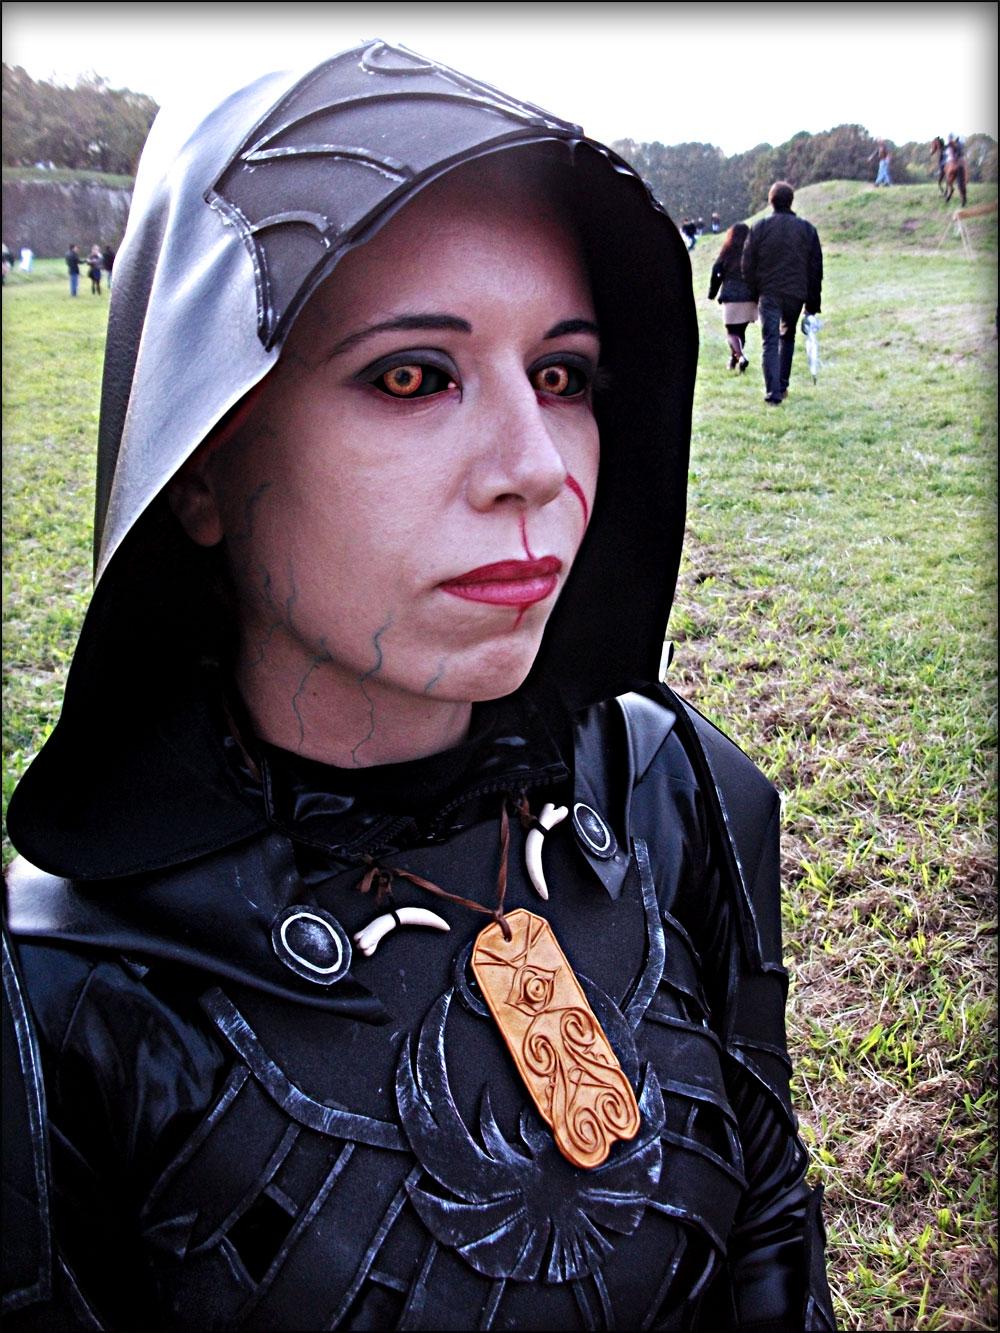 Look deep into my eyes... by vampirisa